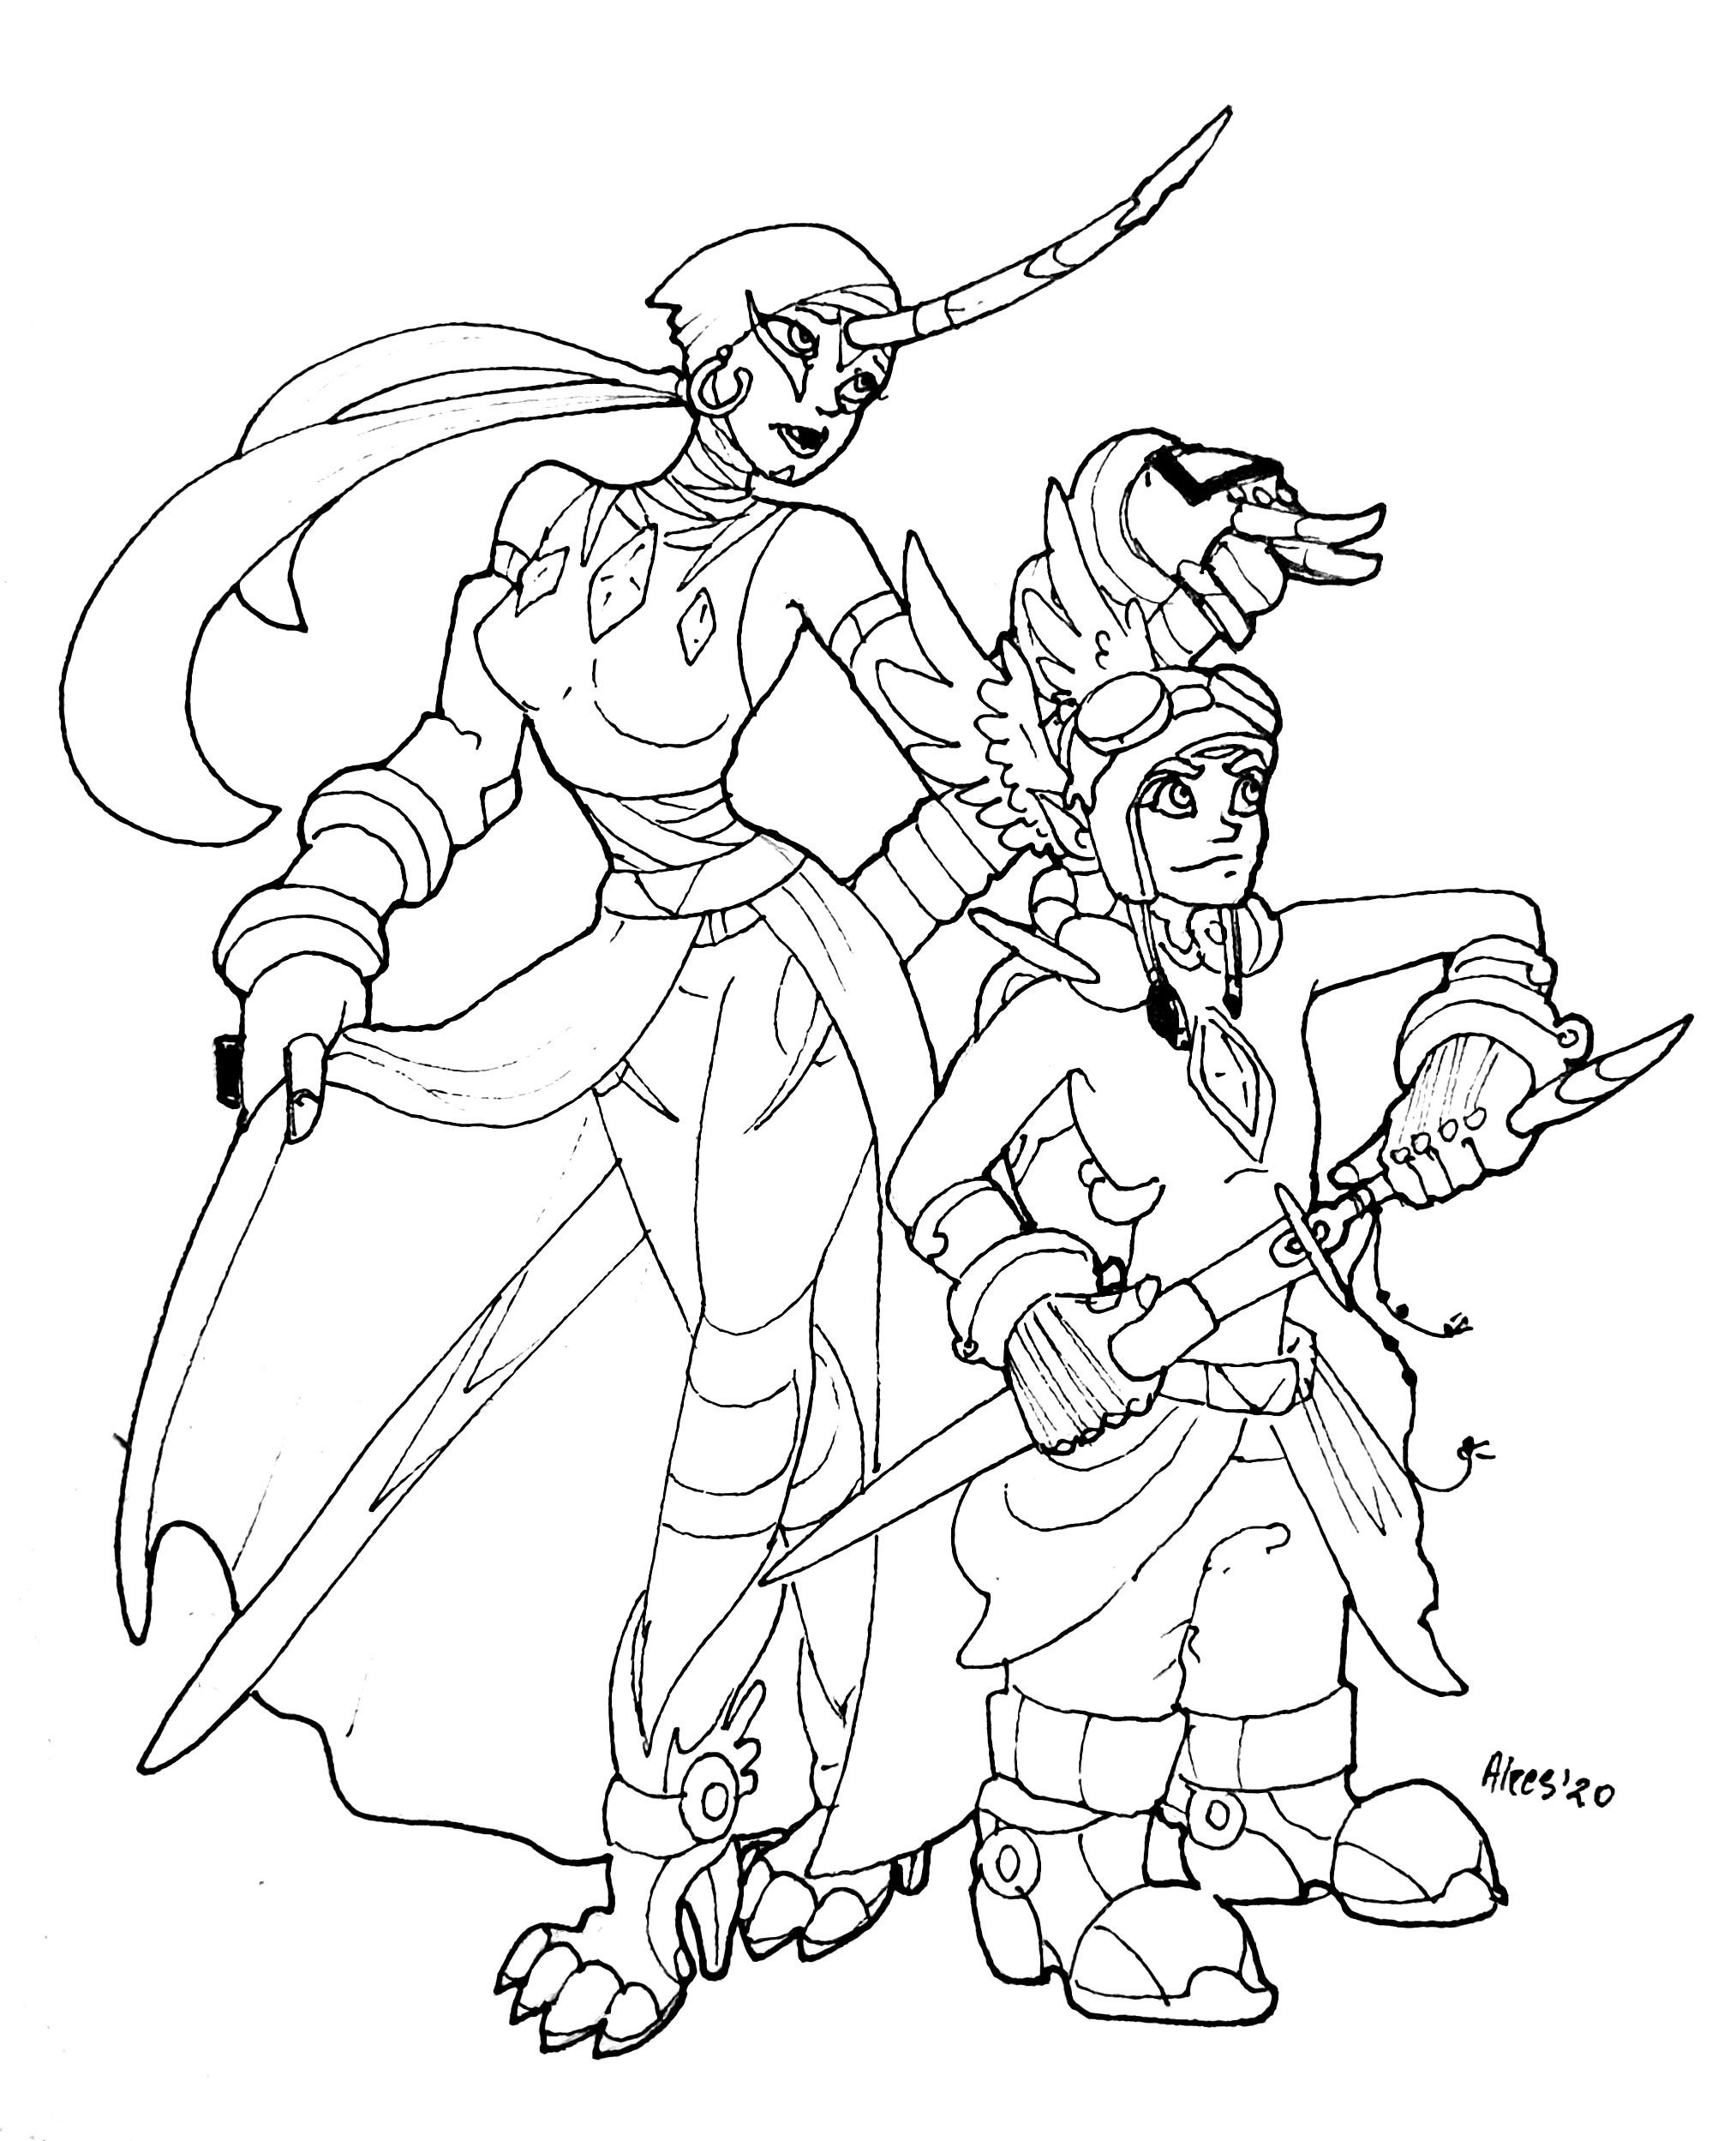 Marsala and Azure